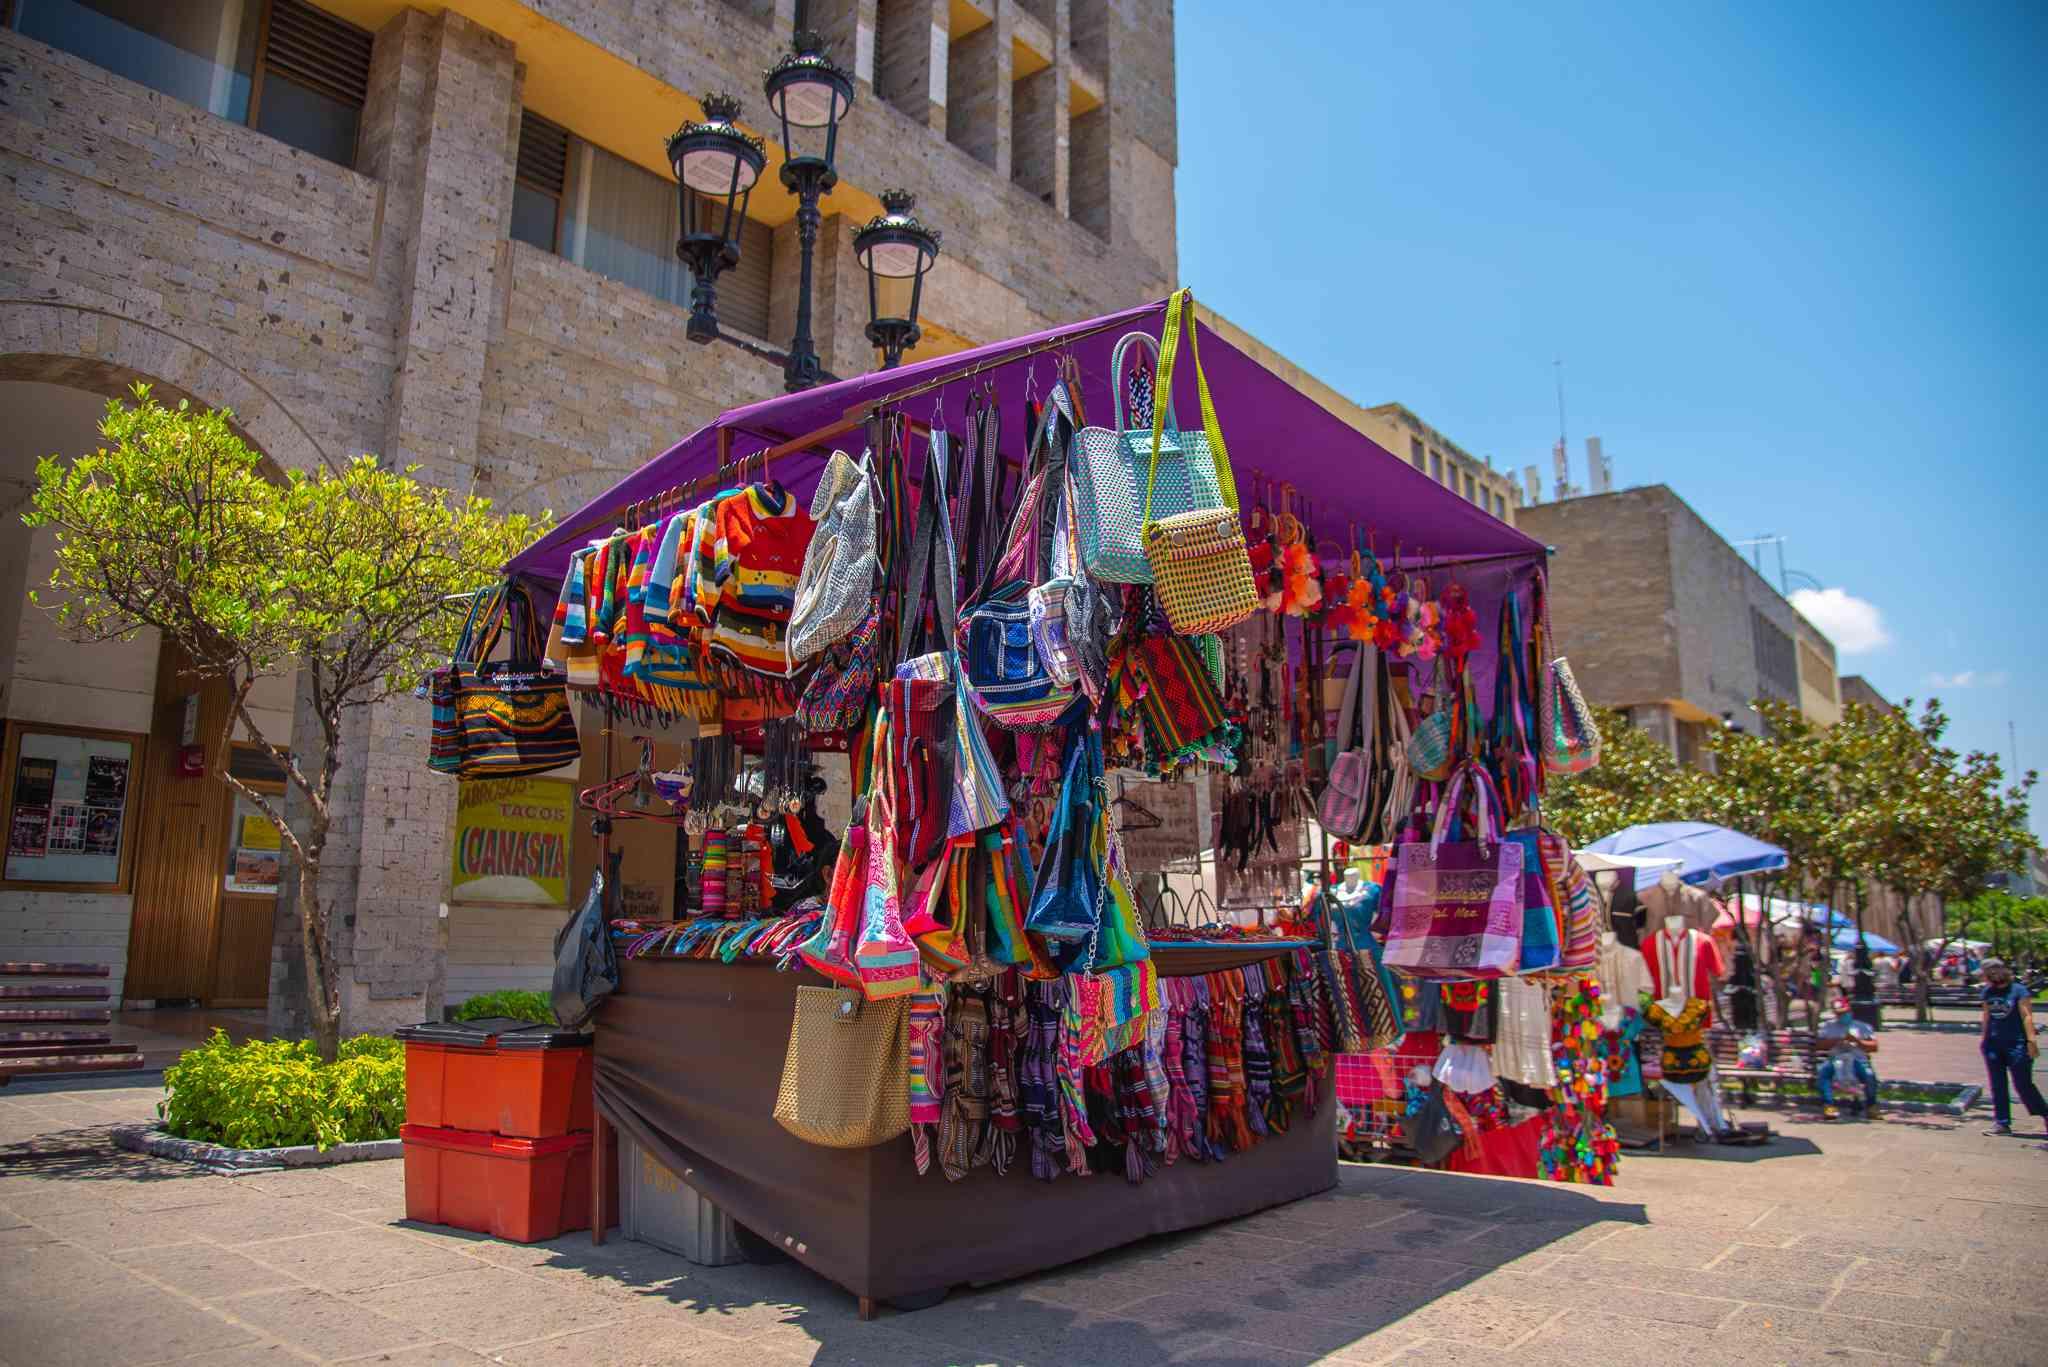 Crafts vendor in Guadalajara